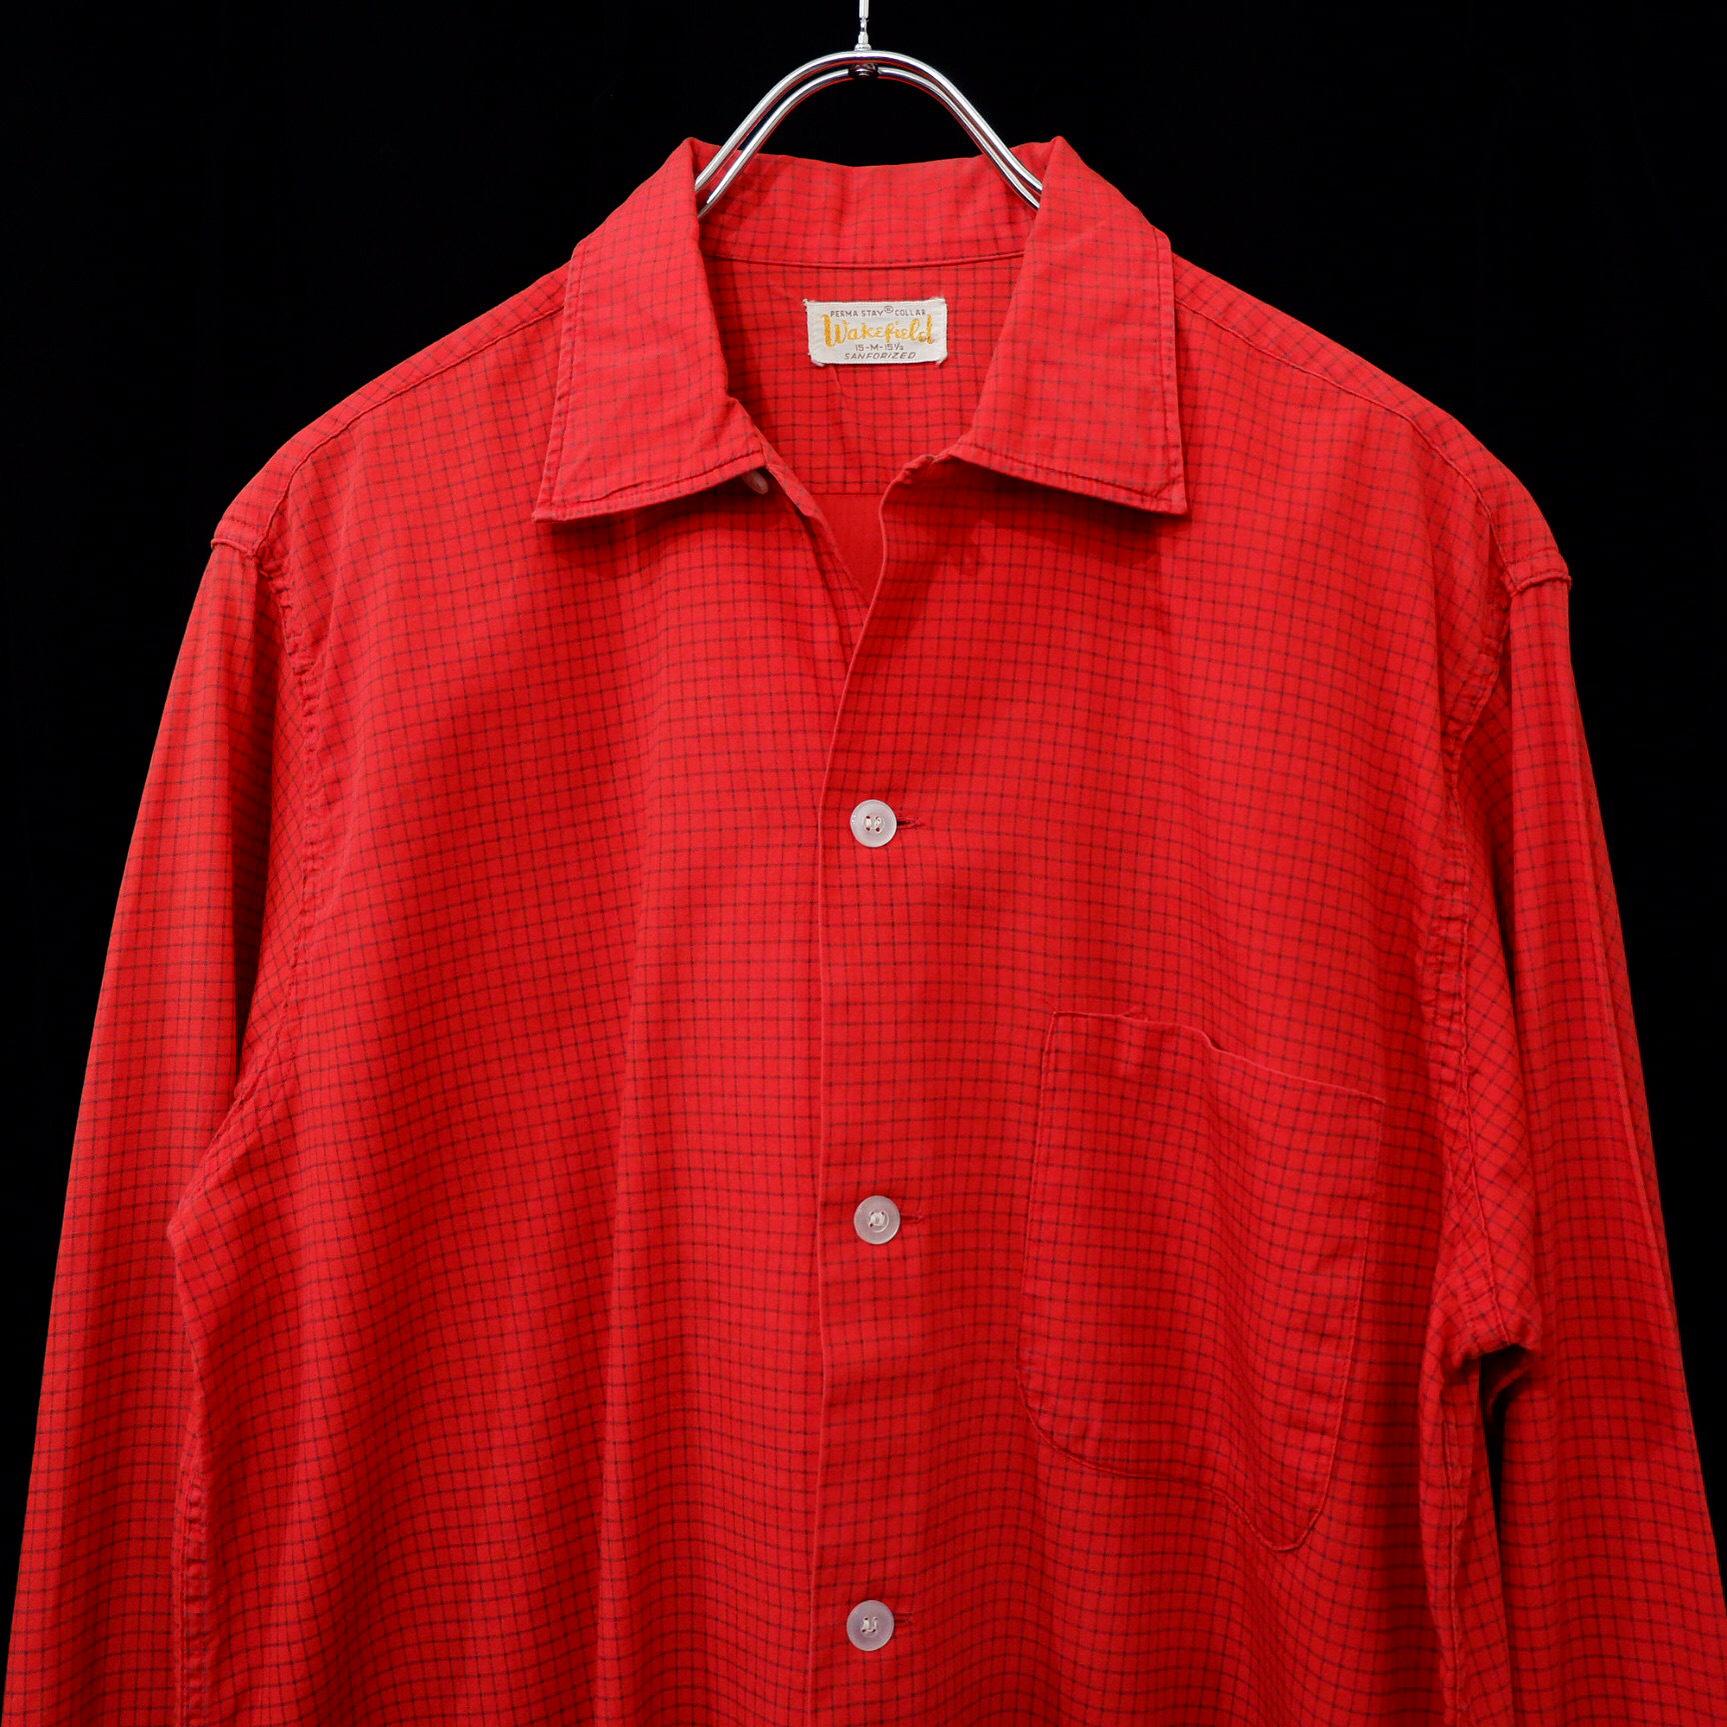 アメリカ古着 1960s vintage コットンシャツ